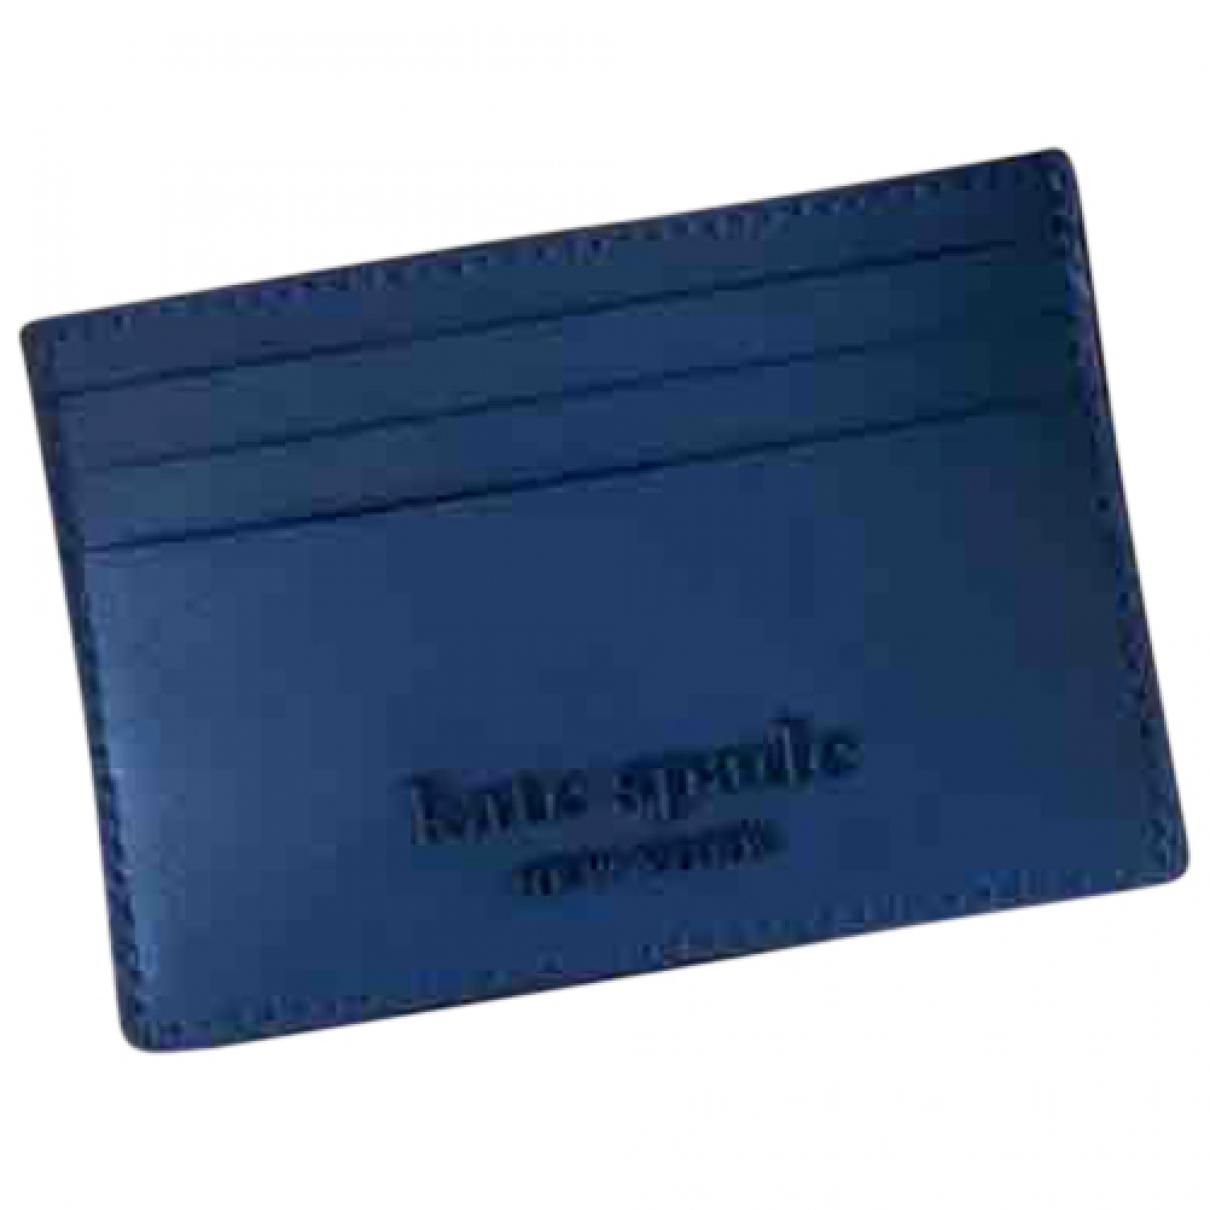 Kate Spade - Petite maroquinerie   pour femme en cuir - bleu